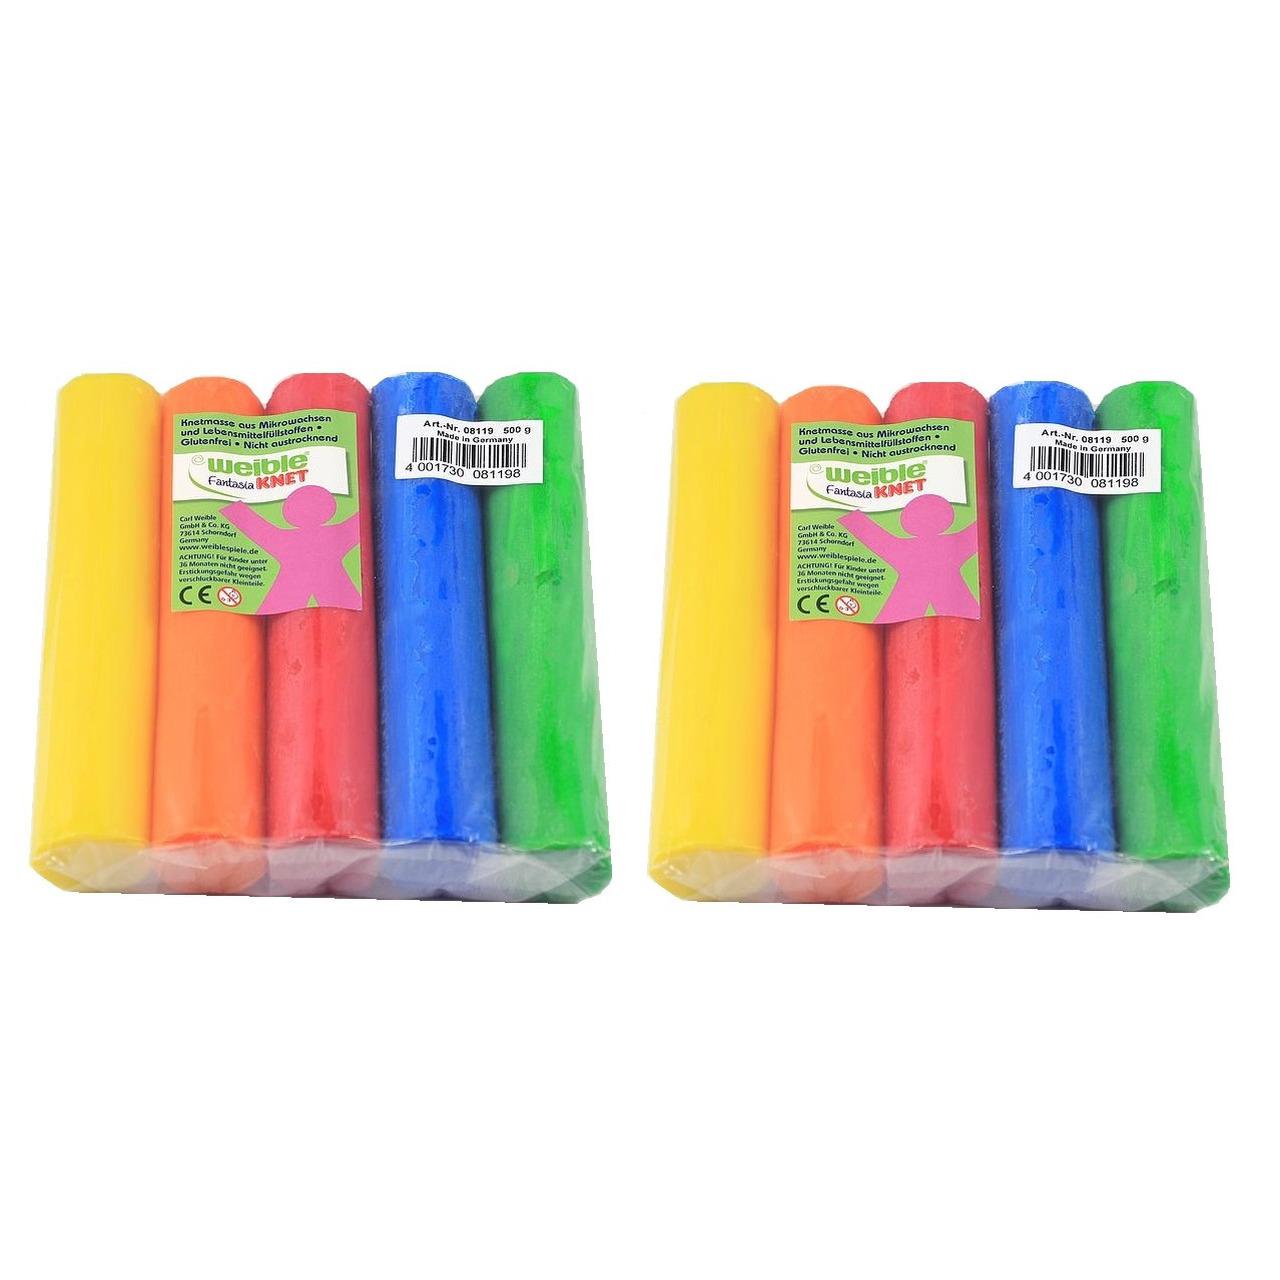 20x gekleurde fantasie klei rollen 100 gram creatief speelgoed voor kinderen